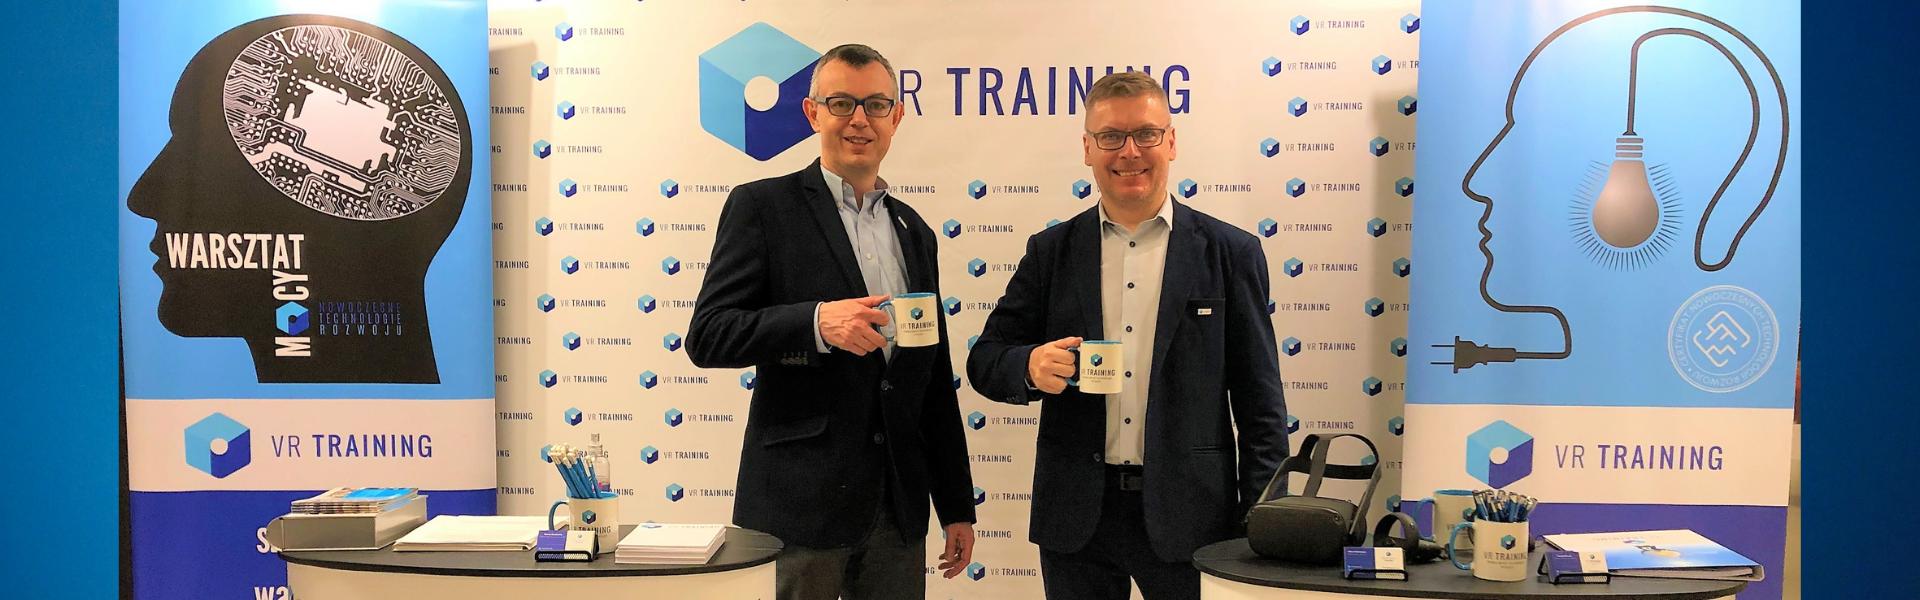 VR-Training-Nowoczesne-Technologie-Rozwoju-Centrum-Szkoleniowe-Firma-Szkoleniowa-profesjonalne-szkolenia-innowacyjne-szkolenia-najlepsze-szkolenia